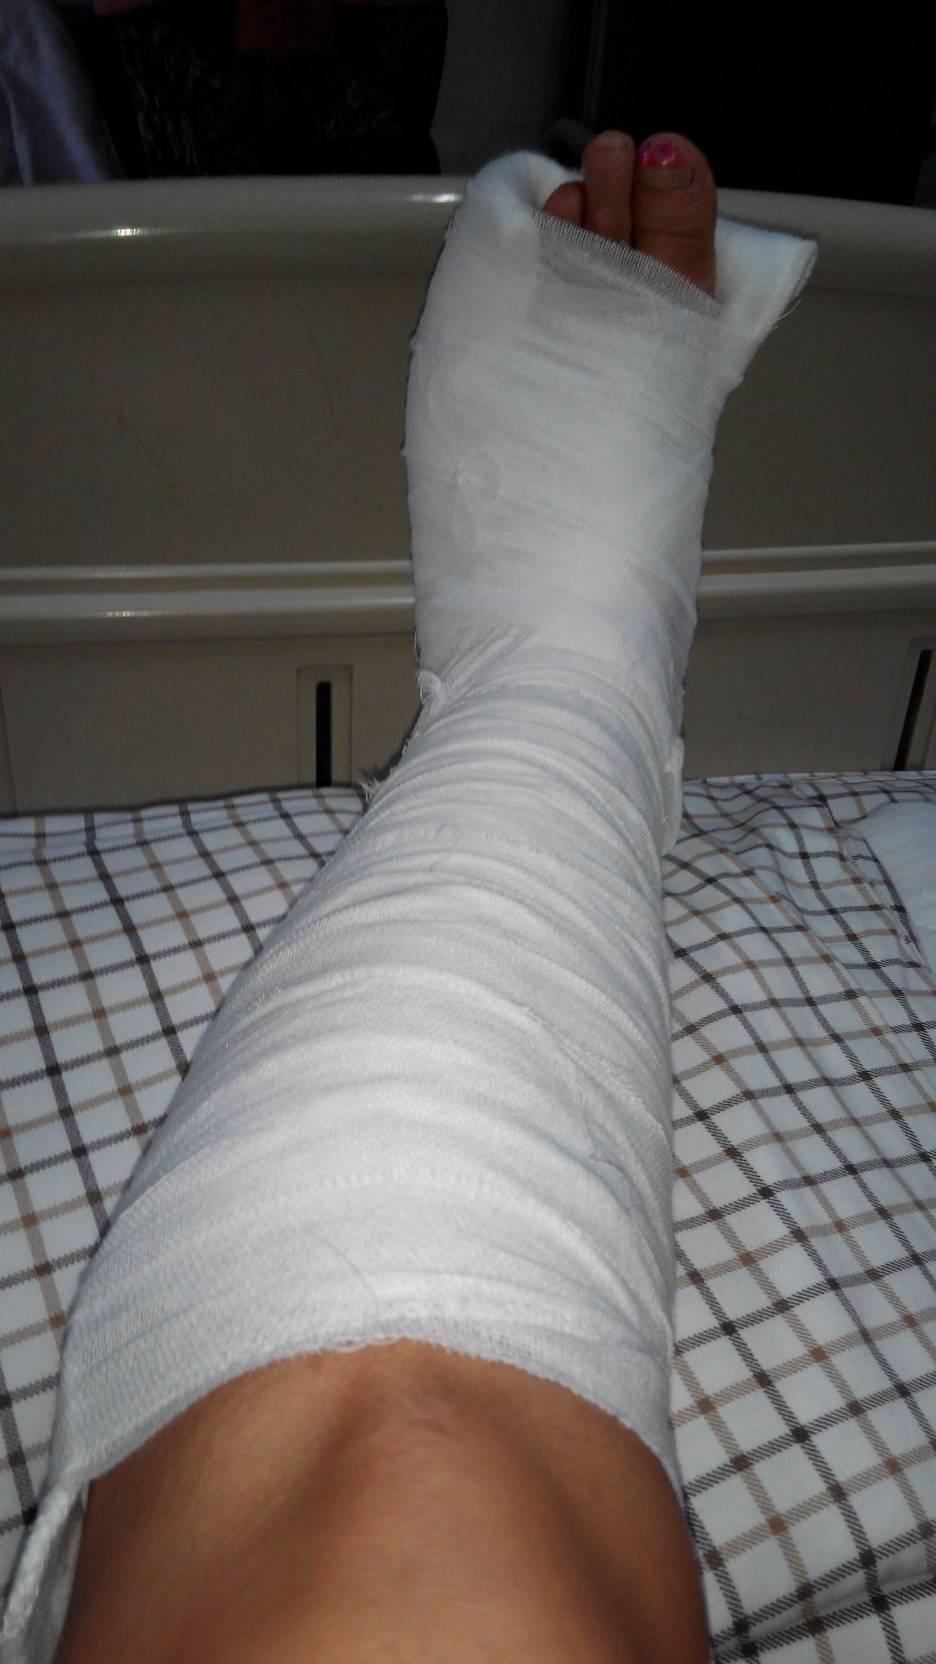 点多拿拿铁棍打的脚骨折